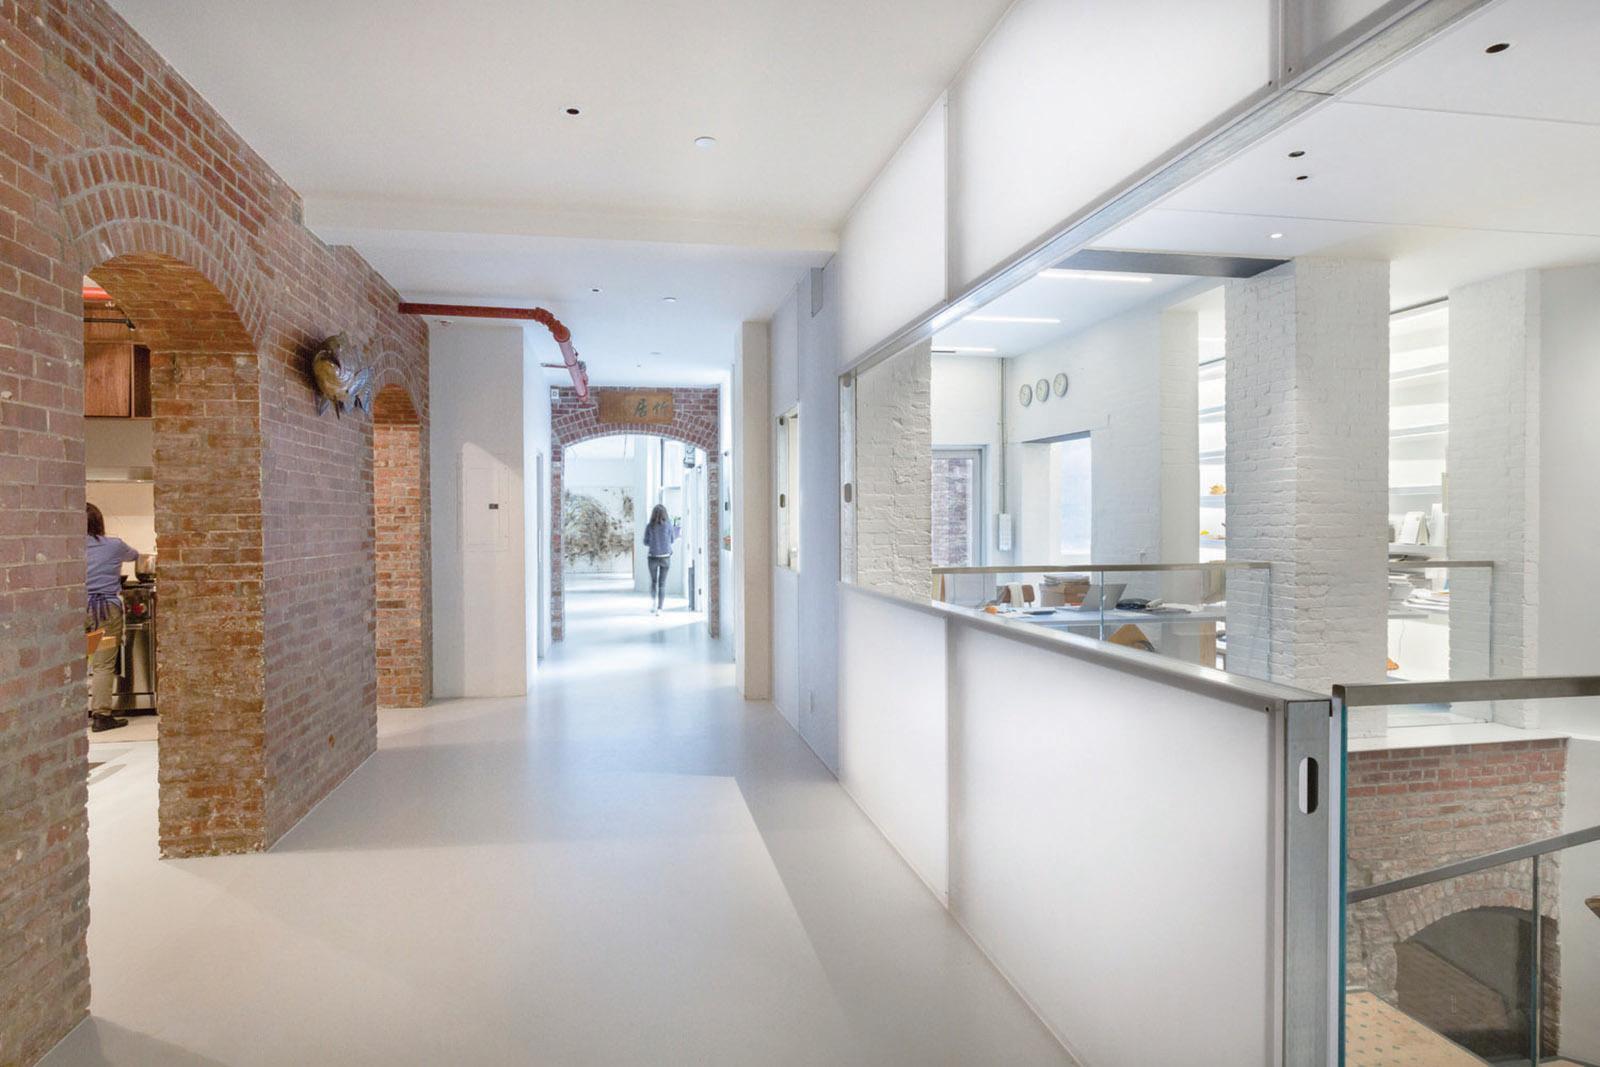 01_Cai Guo Qiang Studio-entryway.jpg